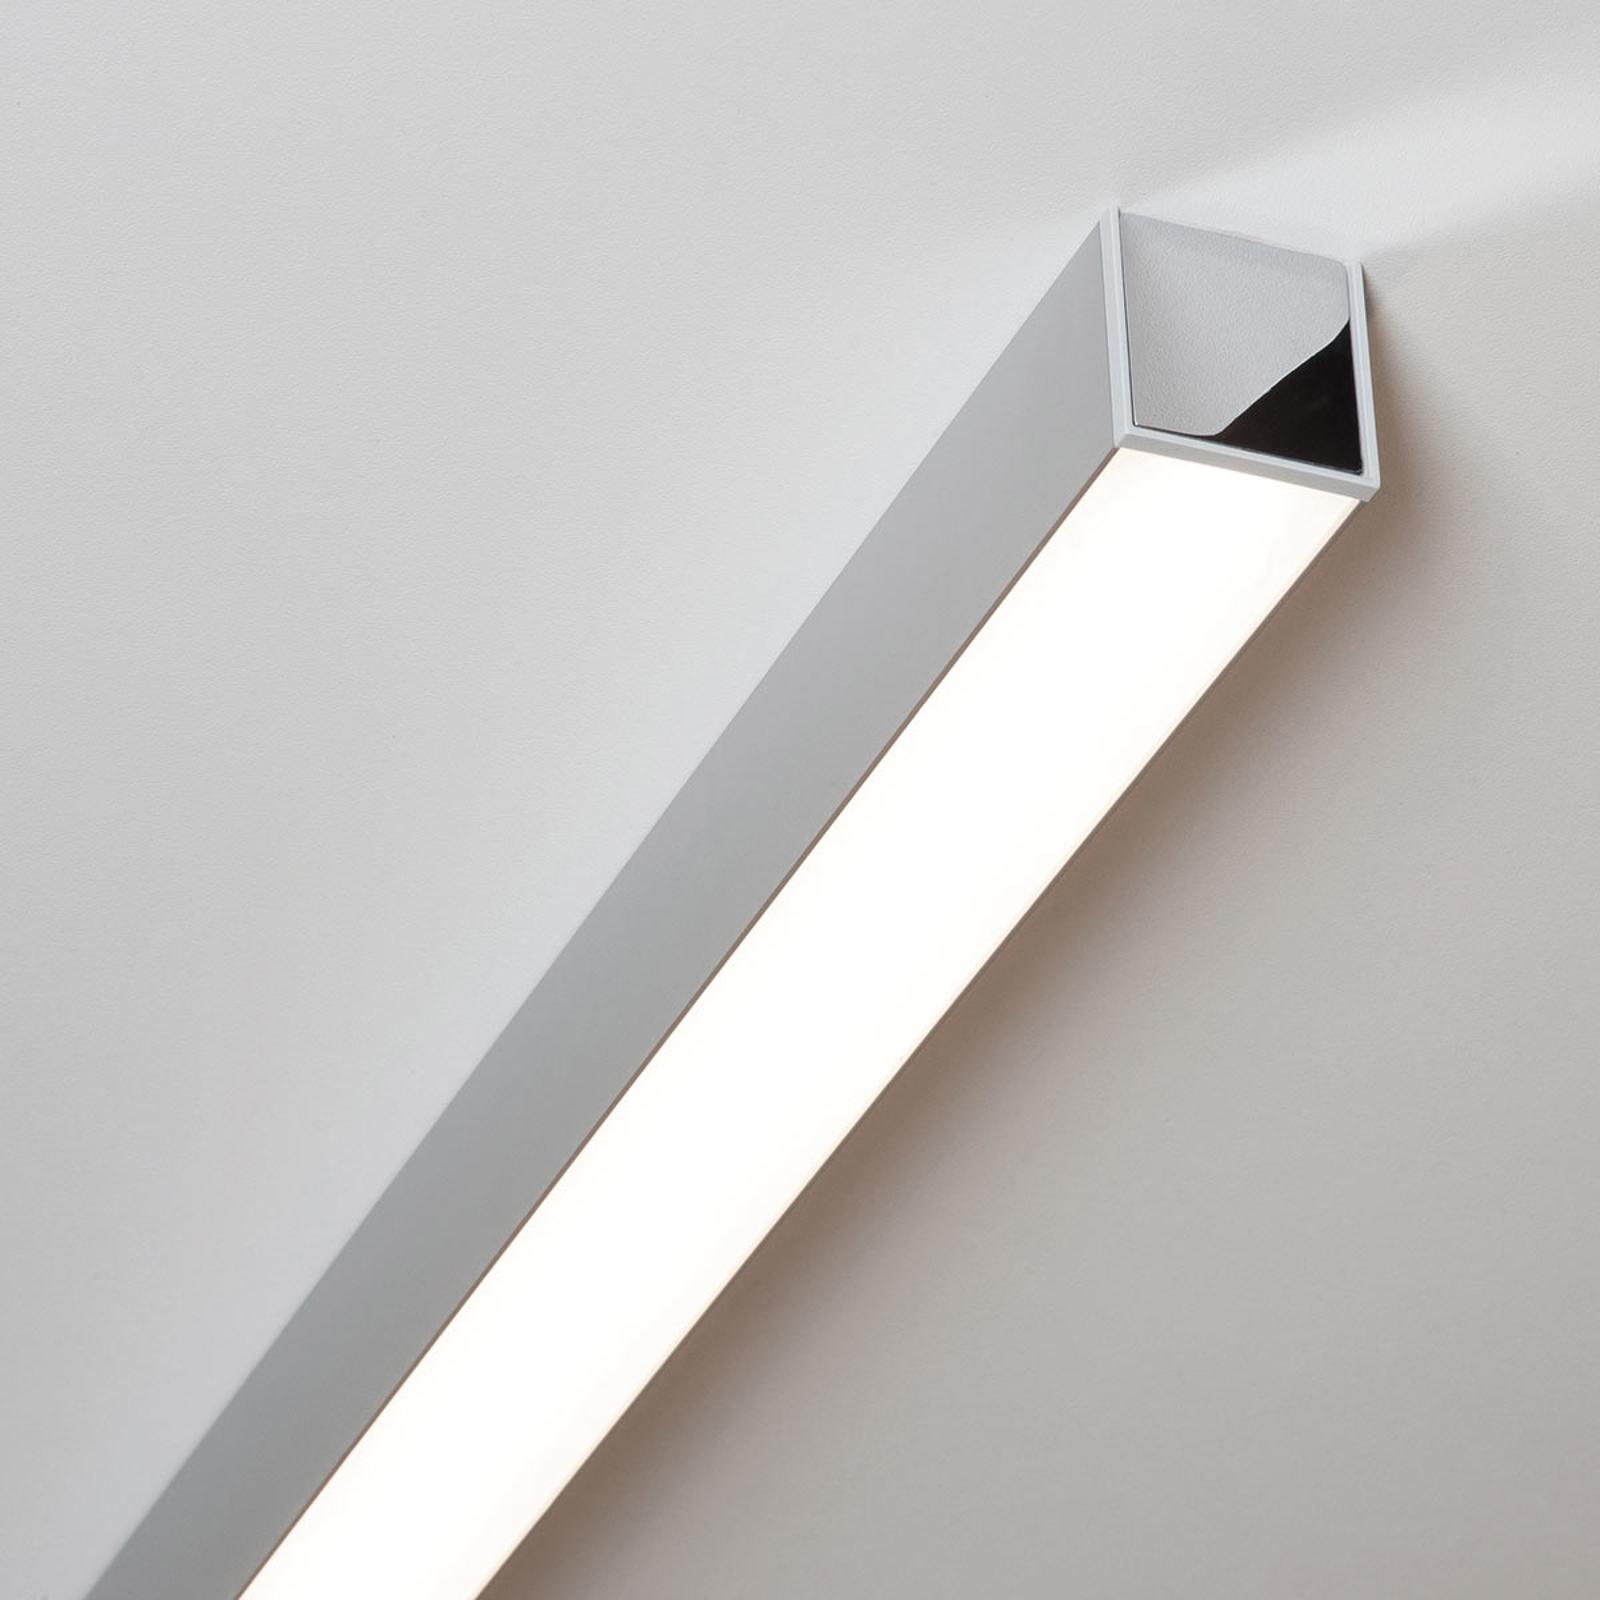 Ride LED plafondlamp alu geëloxeerd, 85,7 cm